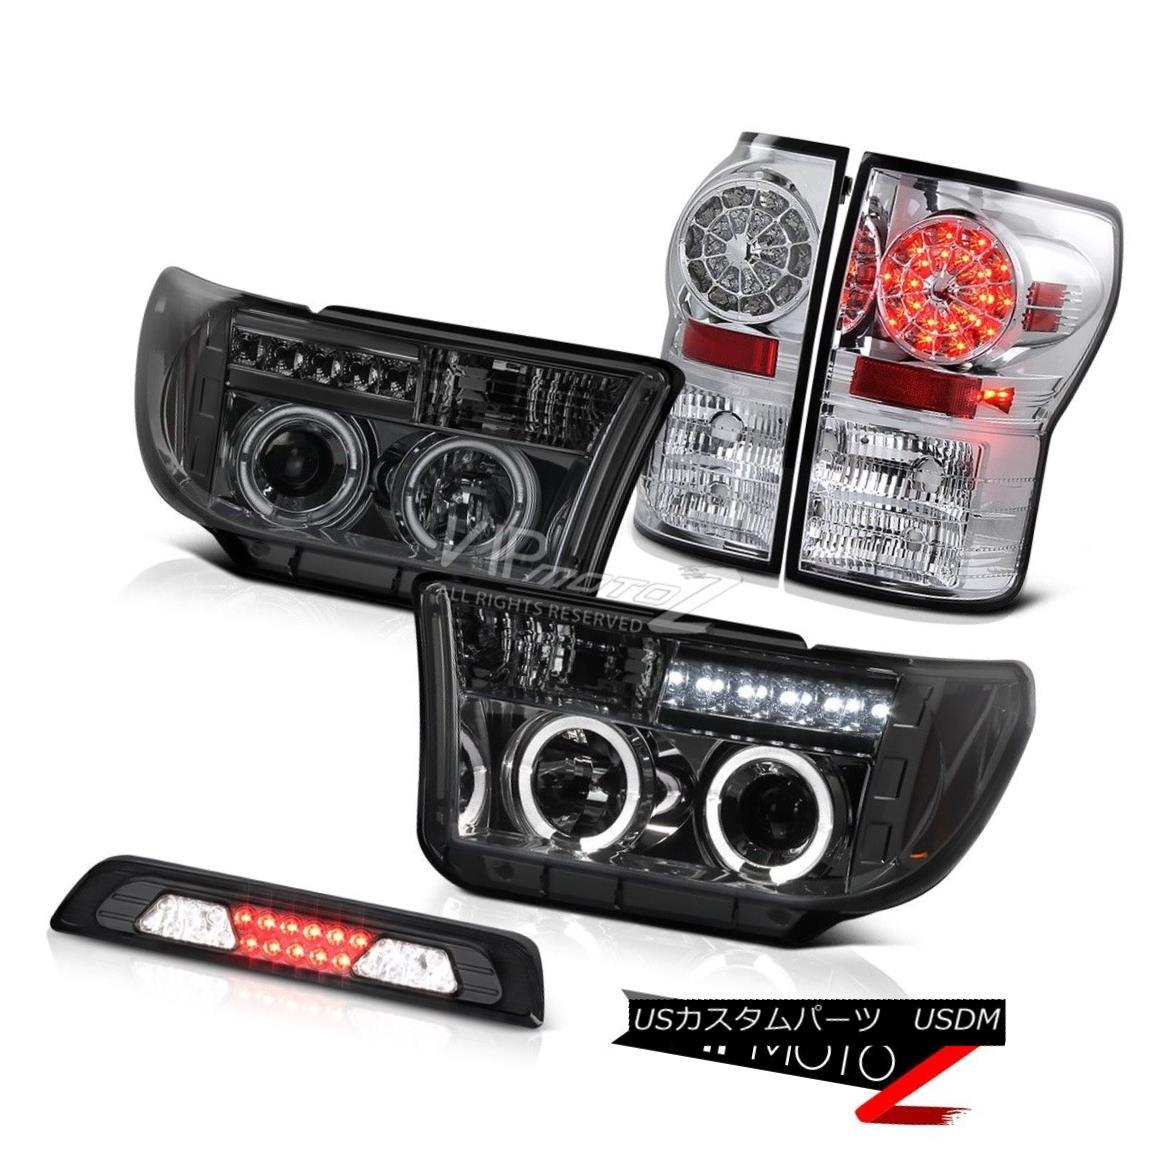 テールライト 2007-2013 Toyota Tundra SR5 3RD Brake Light Headlights Crystal Clear Taillights 2007-2013トヨタトンドラSR5 3RDブレーキライトヘッドライトクリスタルクリアテールライト